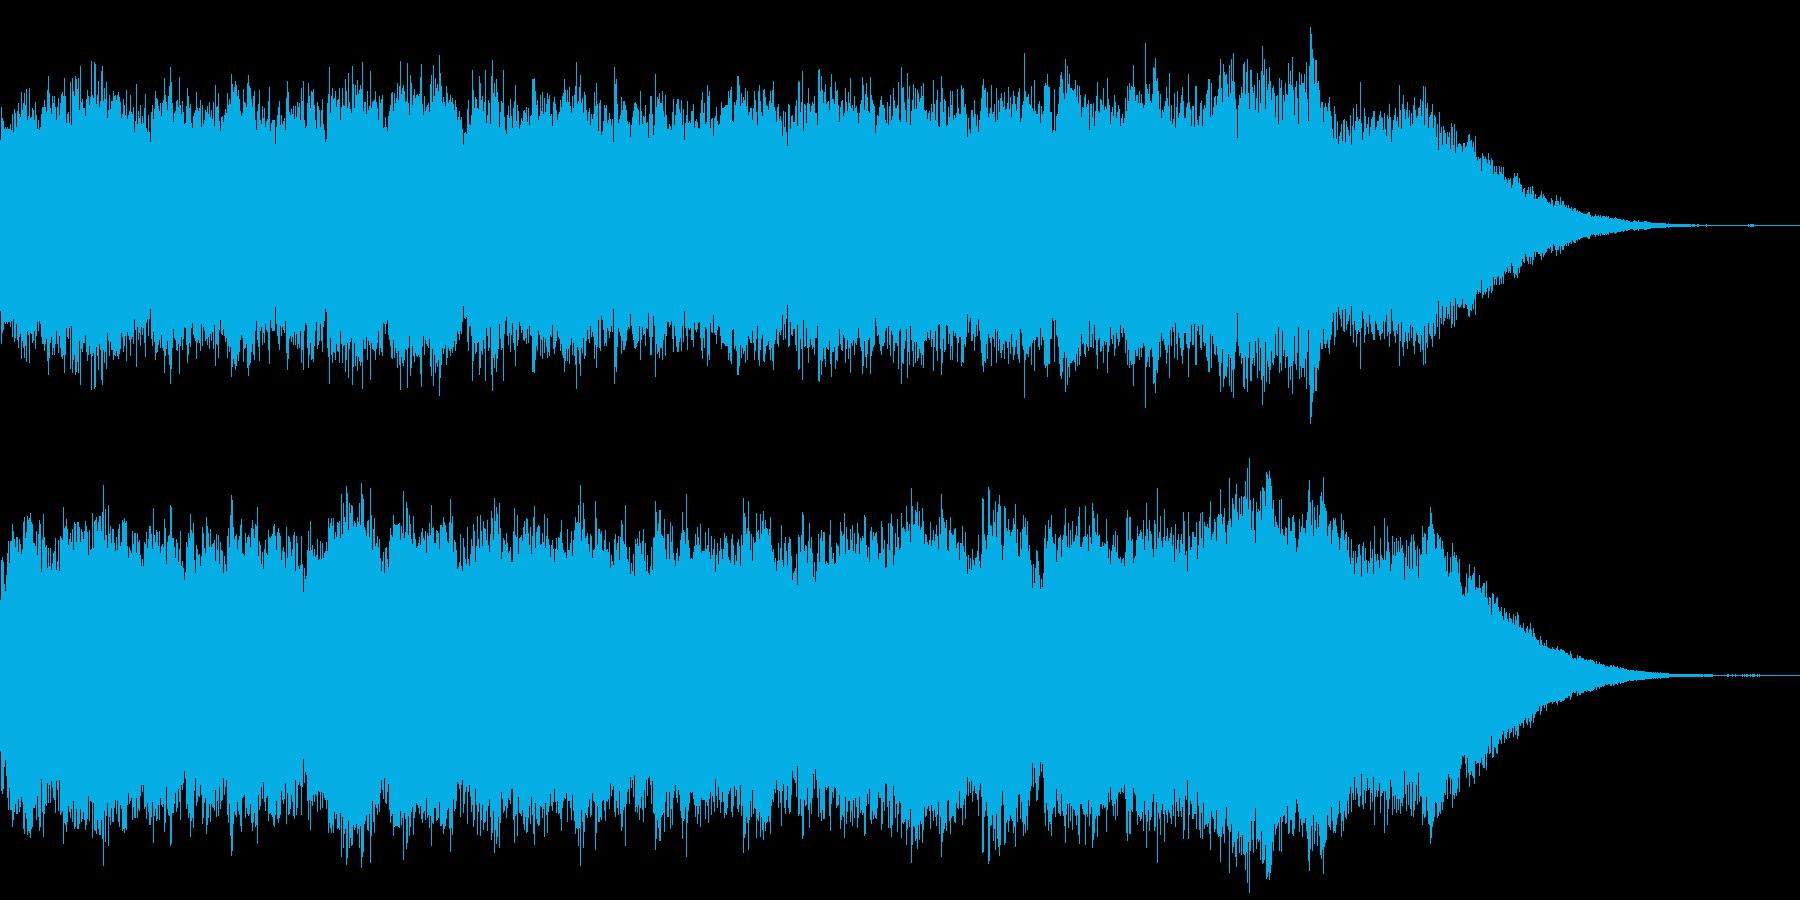 中東風の22秒のサウンドロゴの再生済みの波形